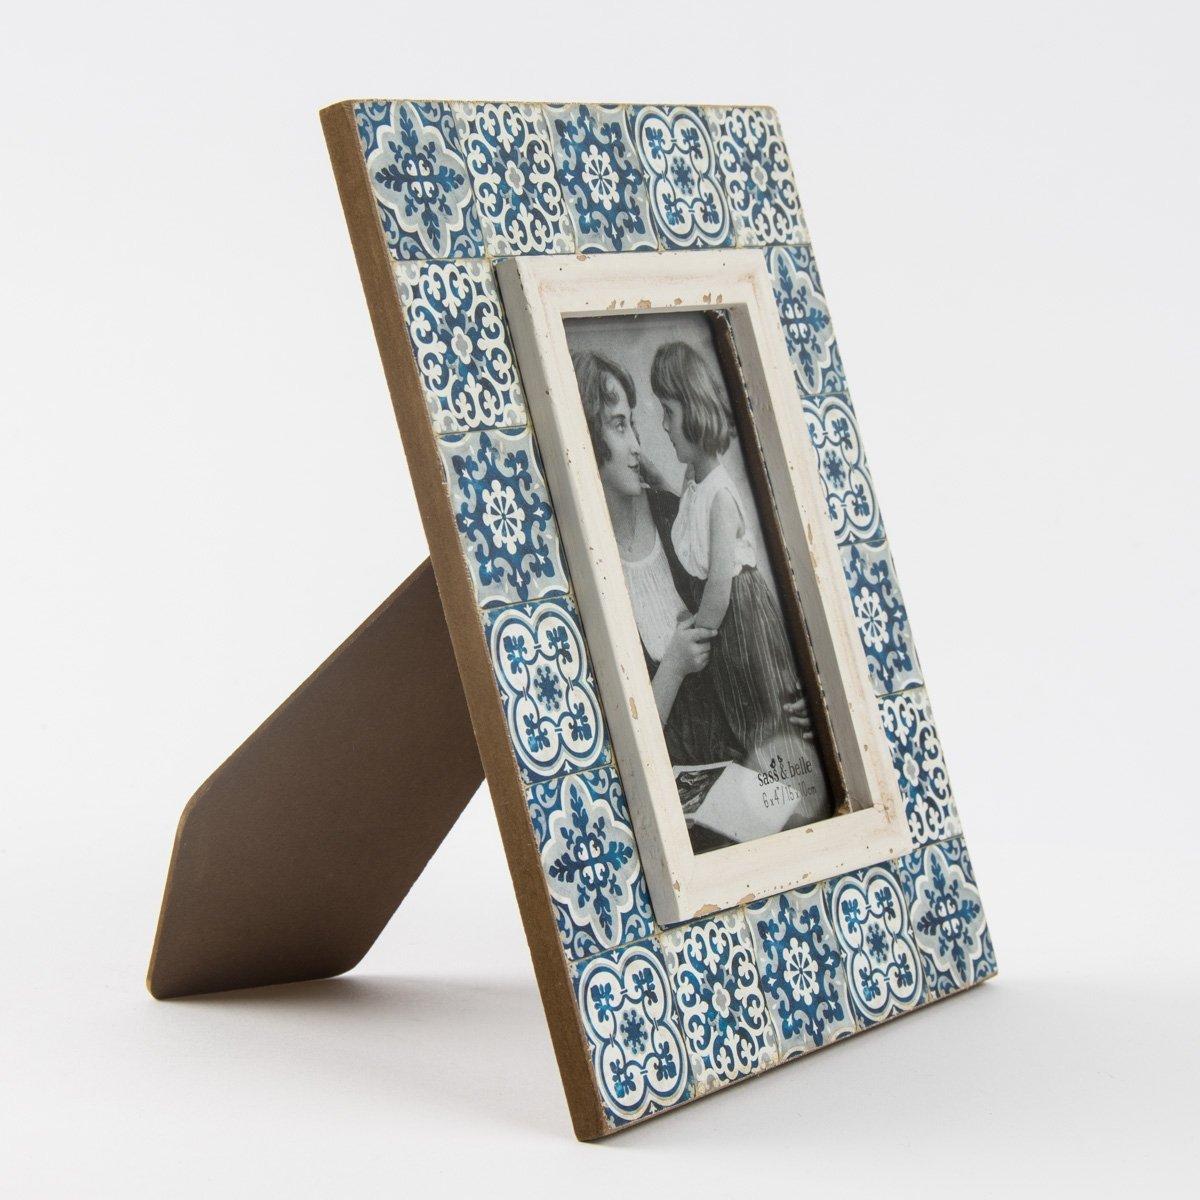 Bilderrahmen Holz Ornament blau Vintage 20x25cm: Amazon.de: Küche ...